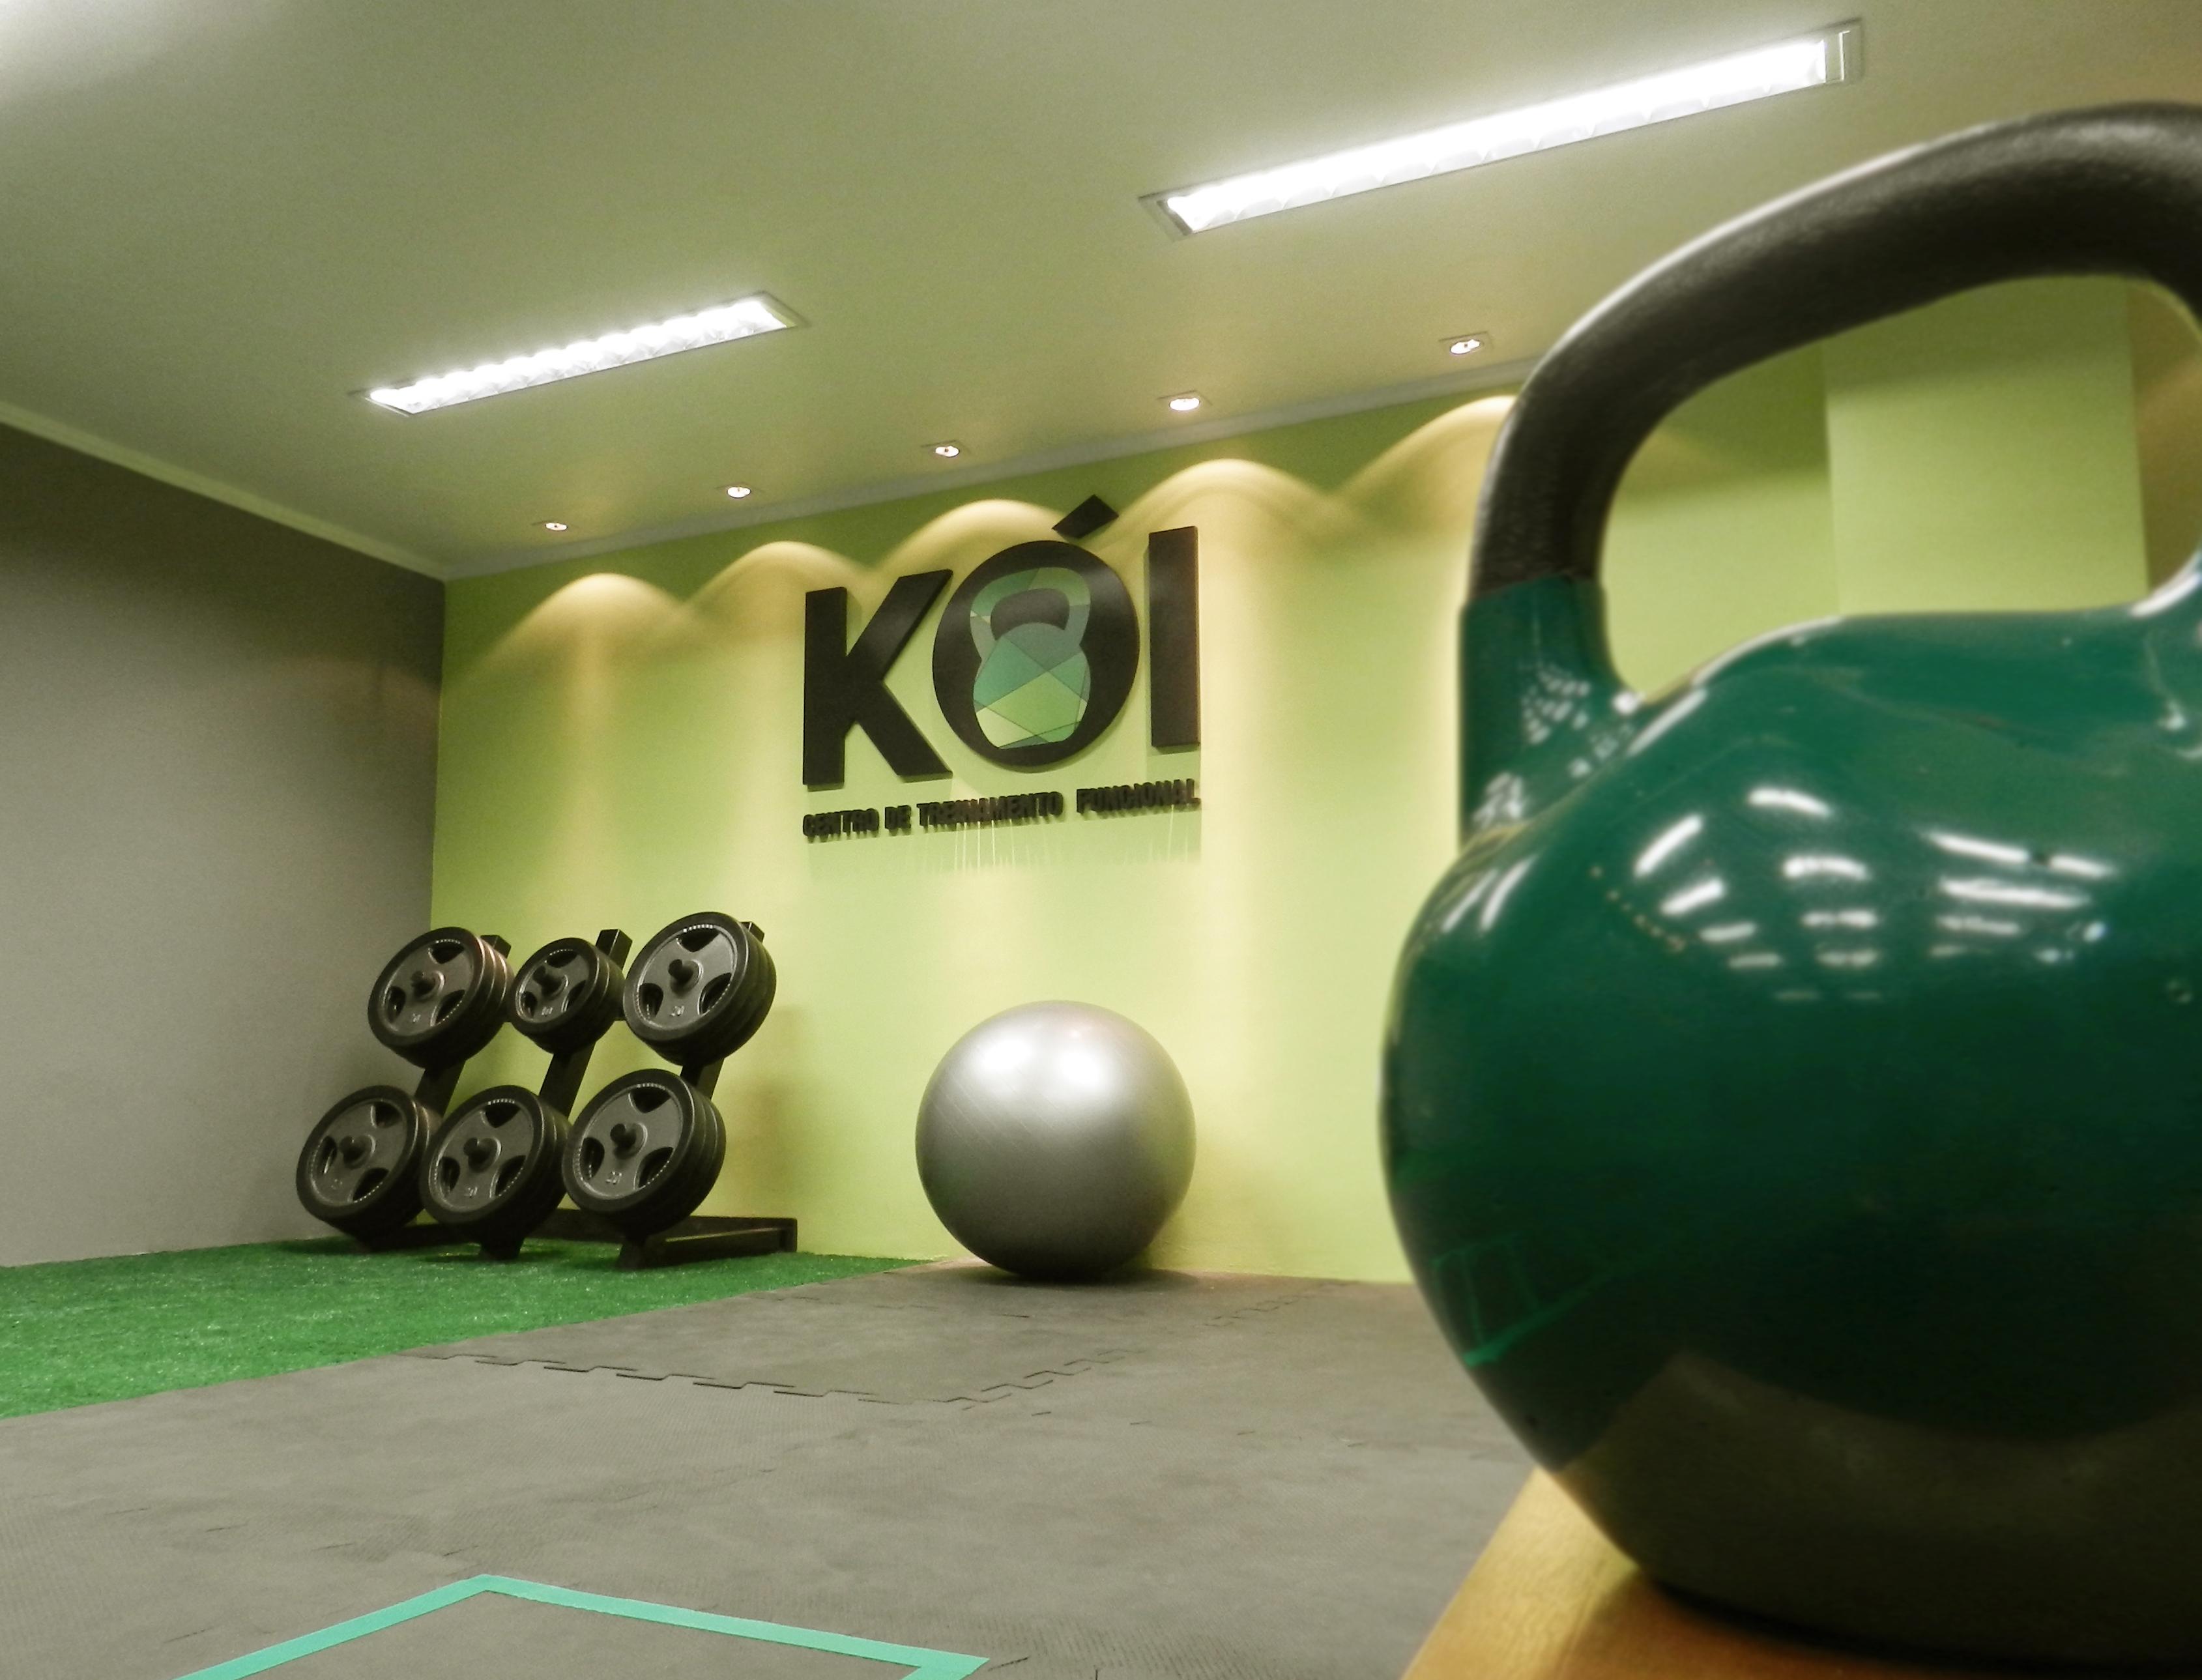 KÓI Centro de Treinamento Funcional